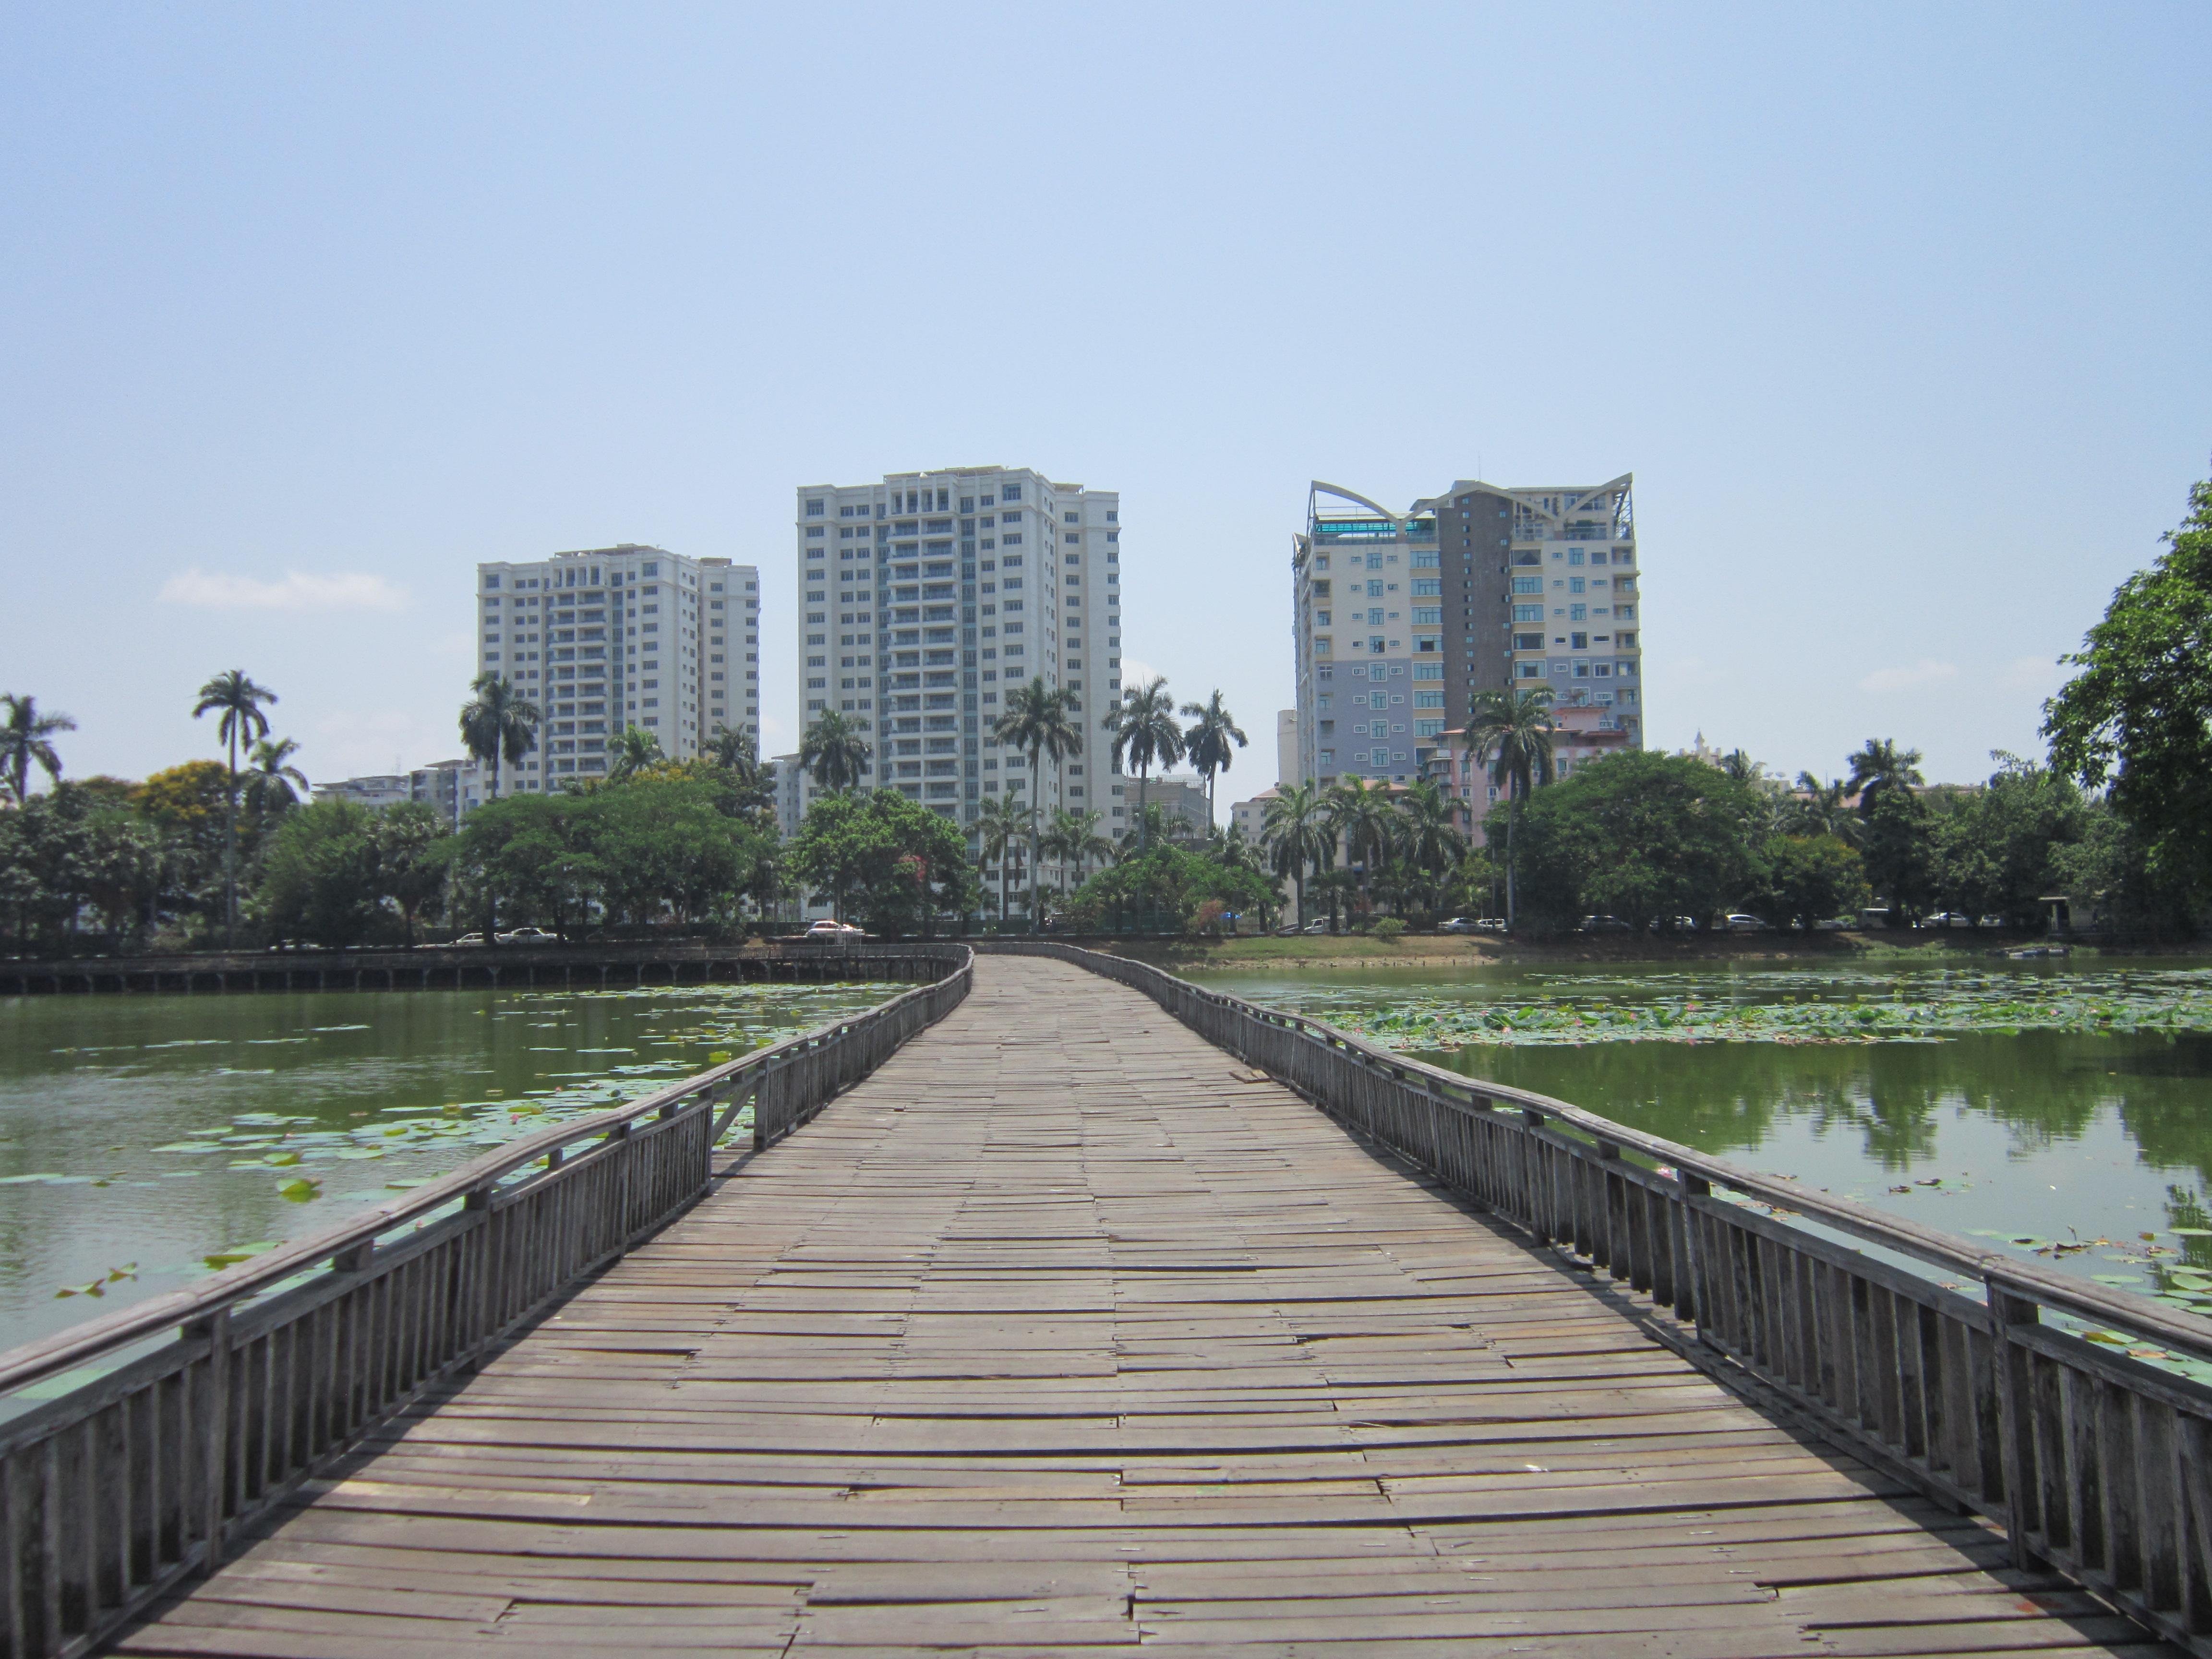 Kandawgyi lake - Yangon Photo Gallery